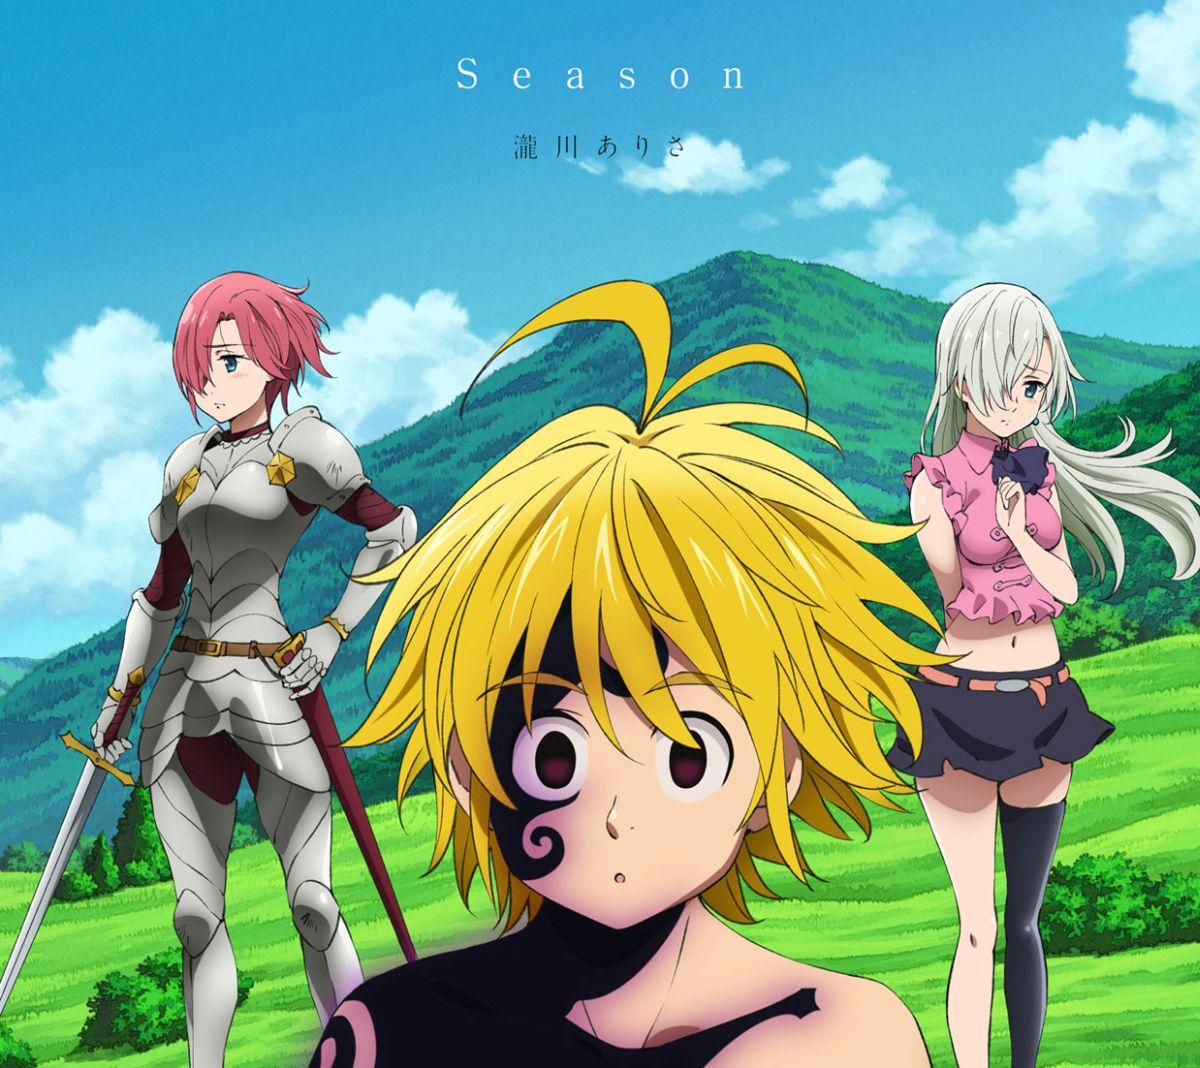 Season nanatsu no taizai wiki fandom powered by wikia - Nanatsu no taizai wiki ...